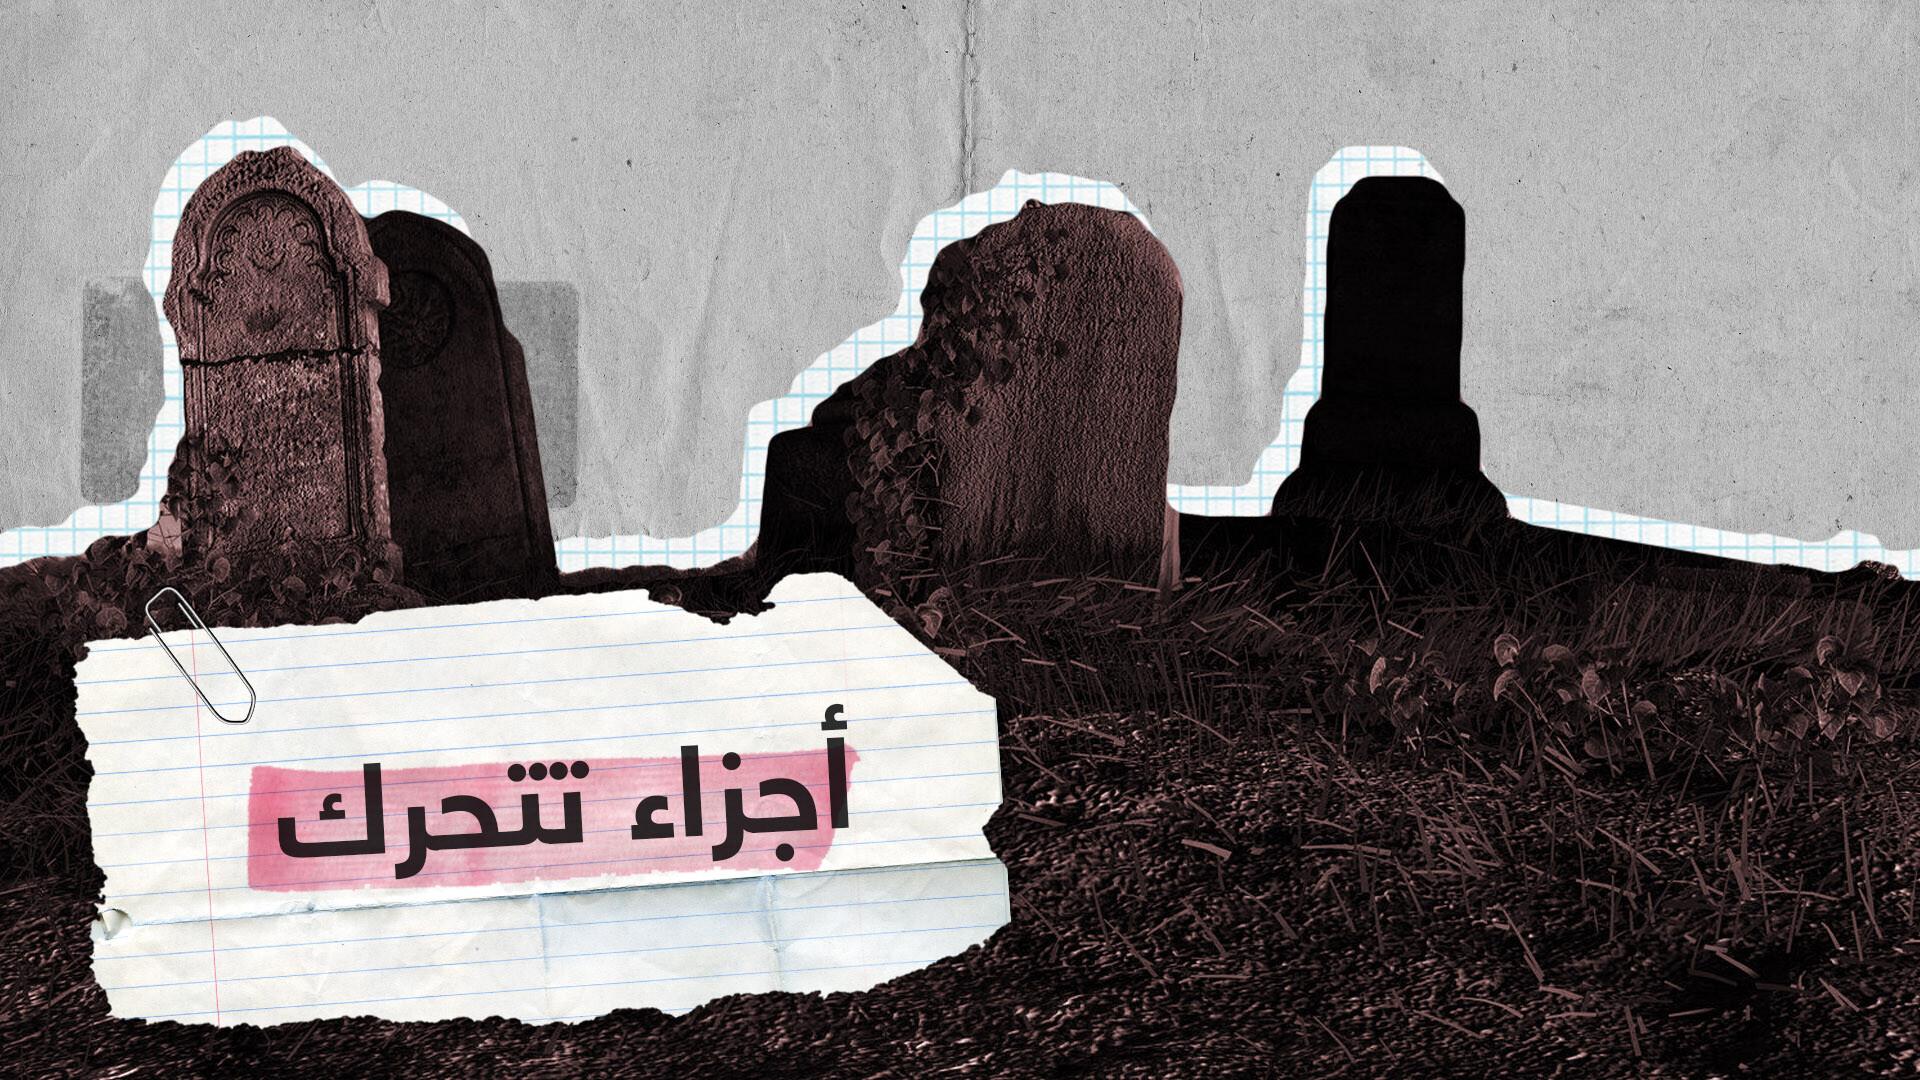 """تجربة """"مخيفة"""".. أجزاء من جثث الموتى تتحرك أثناء تحللها"""